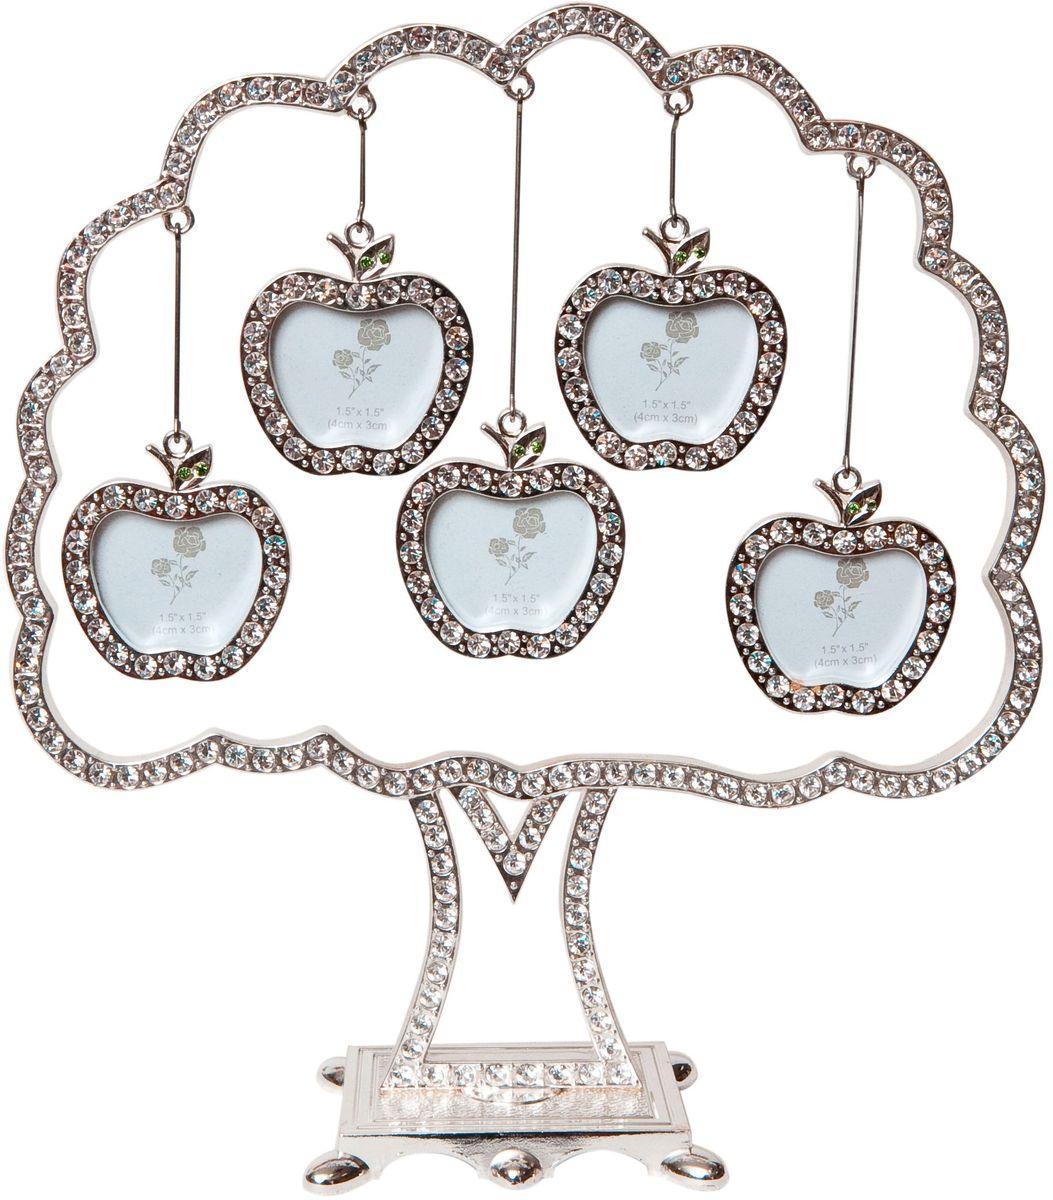 Фоторамка Platinum Дерево, цвет: светло-серый, на 5 фото, 5 x 6 см. PF9707BPlatinum JW92-5 БЕРГАМО-БОРДОВЫЙ 15x21Декоративная фоторамка Platinum Дерево выполнена из металла и декорирована стразами. На подставку в виде деревца подвешиваются пять фоторамок в форме яблок. Изысканная и эффектная, эта потрясающая рамочка покорит своей красотой и изумительным качеством исполнения. Декоративная фоторамкаPlatinum Дерево не только украсит интерьер помещения, но и поможет разместить фото всей вашей семьи. Высота фоторамки: 19,5 см. Фоторамка подходит для фотографий 5 x 6 см.Общий размер фоторамки: 18,5 х 4,5 х 19,5 см.